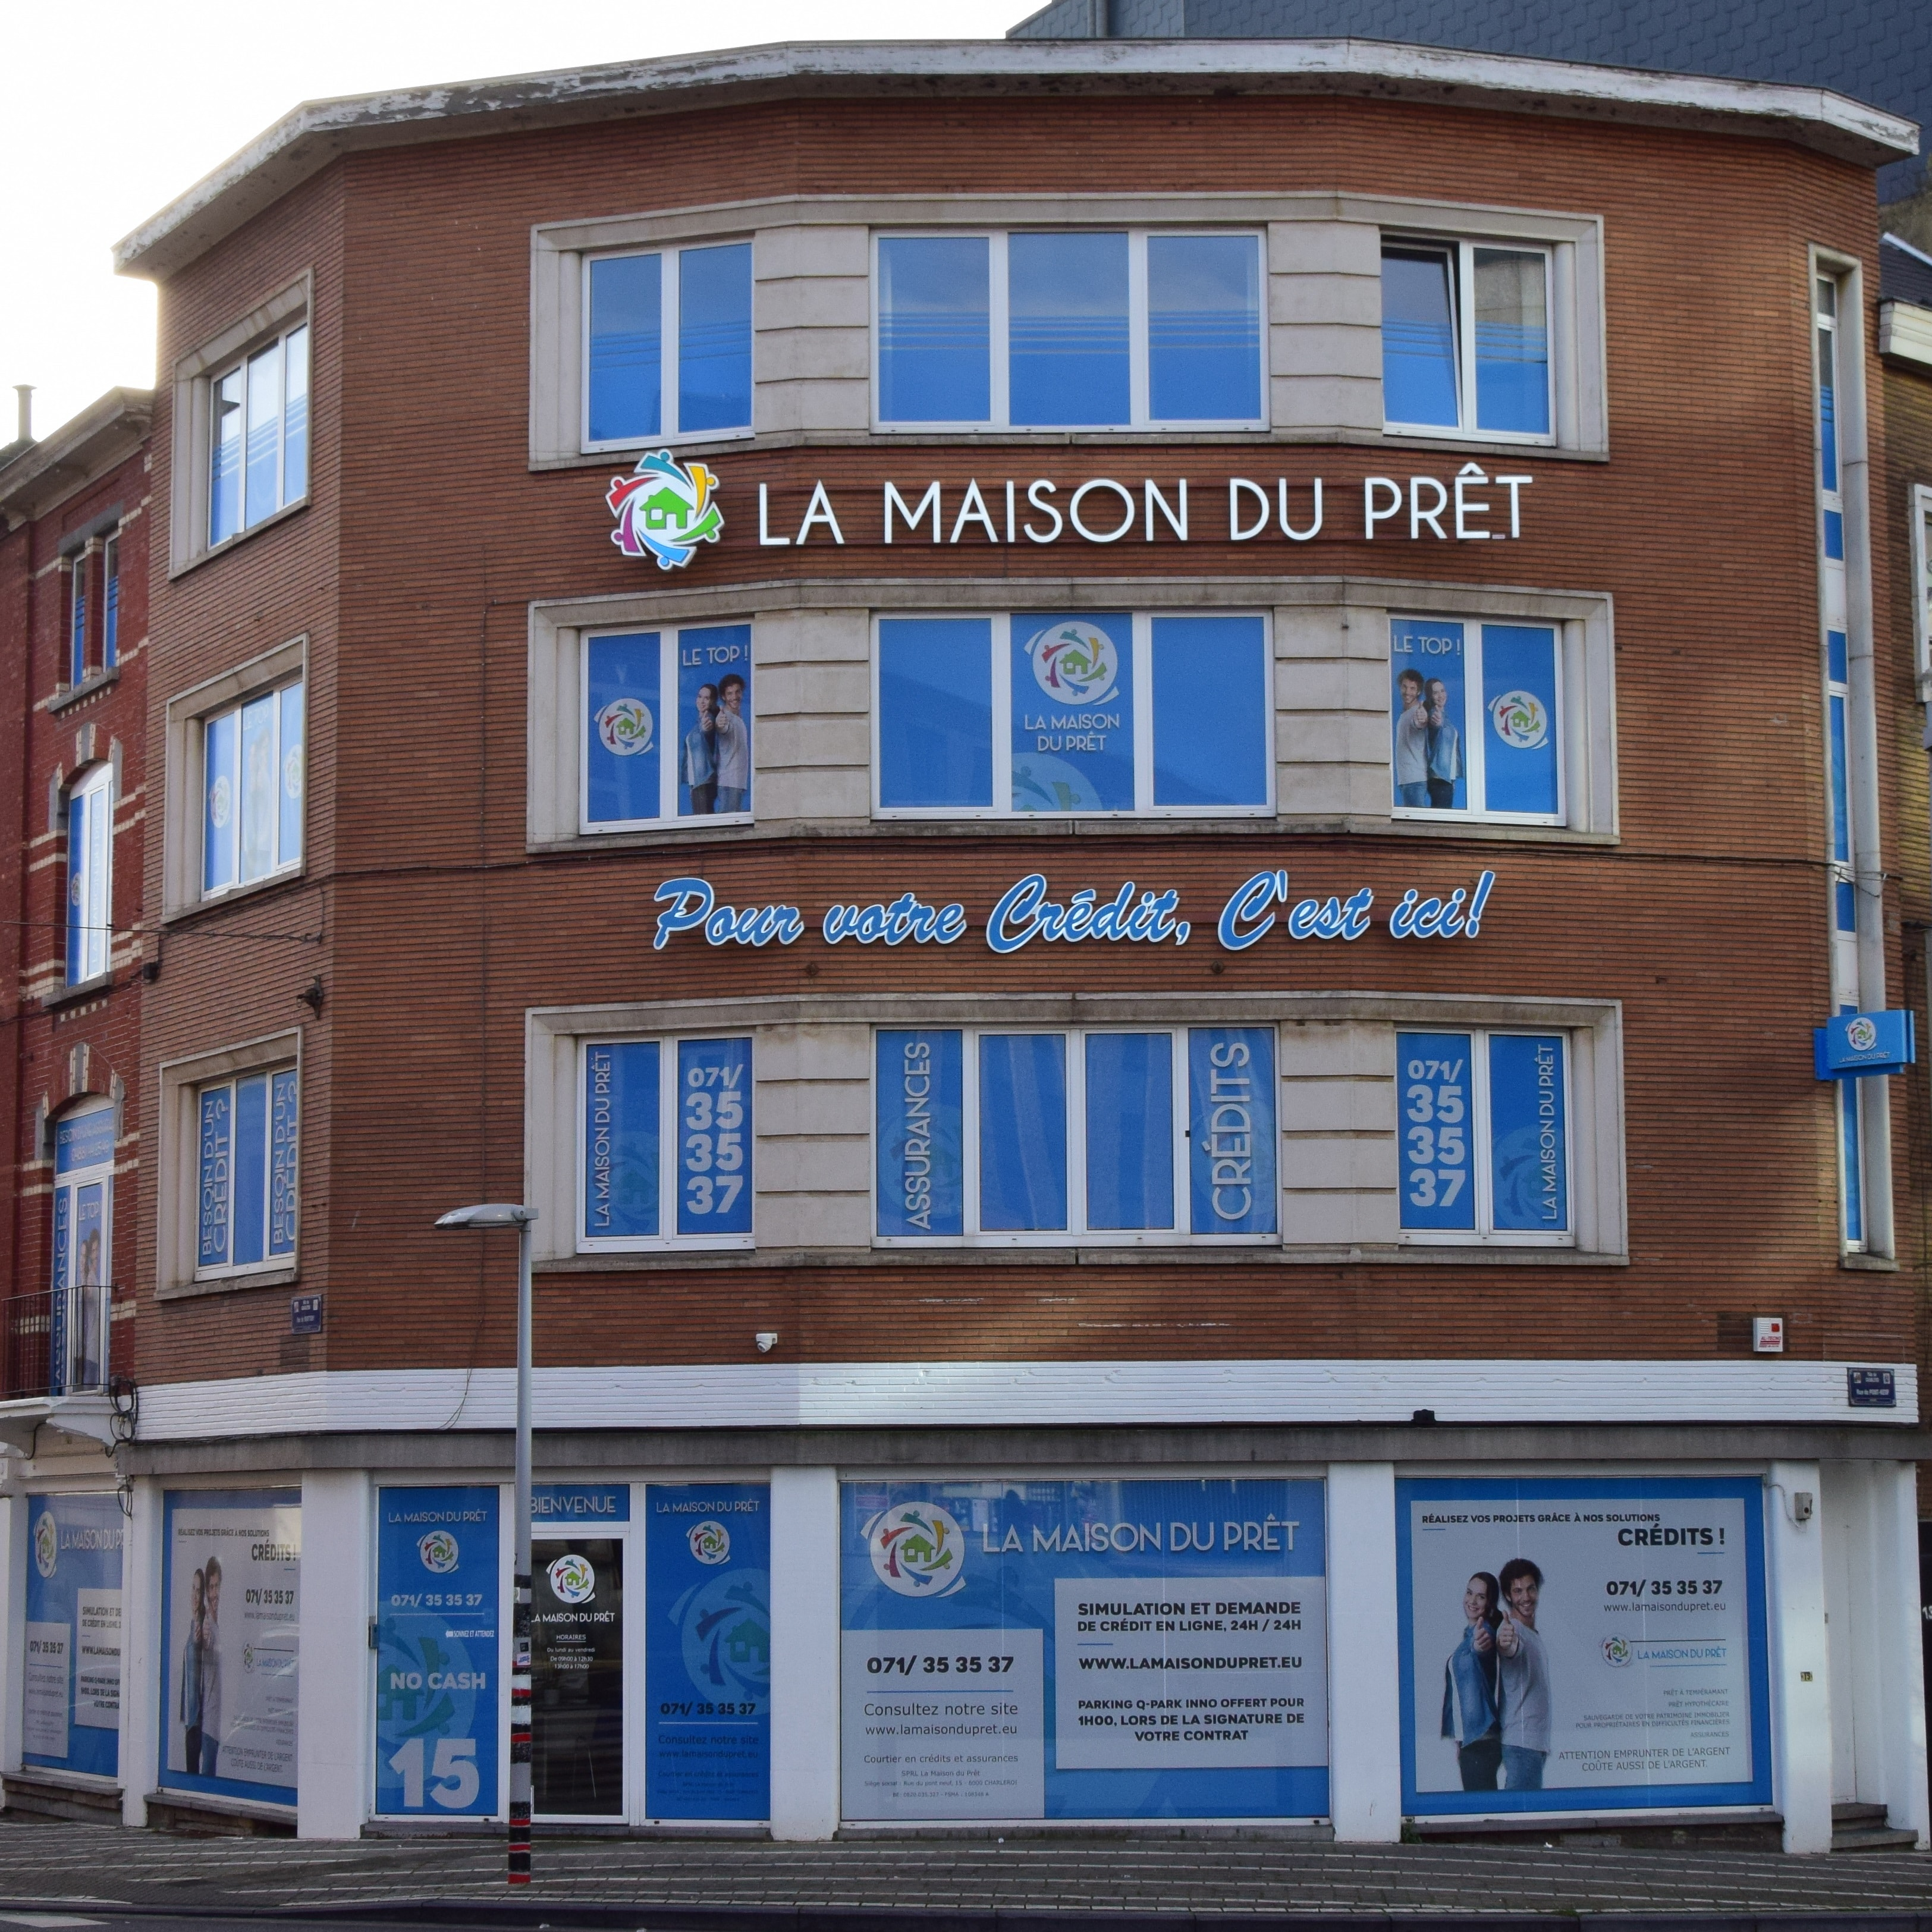 Bureau de crédit à charleroi, Agence de crédit à charleroi, Courtier en crédit à charleroi, prêt à Charleroi, pret à Charleroi